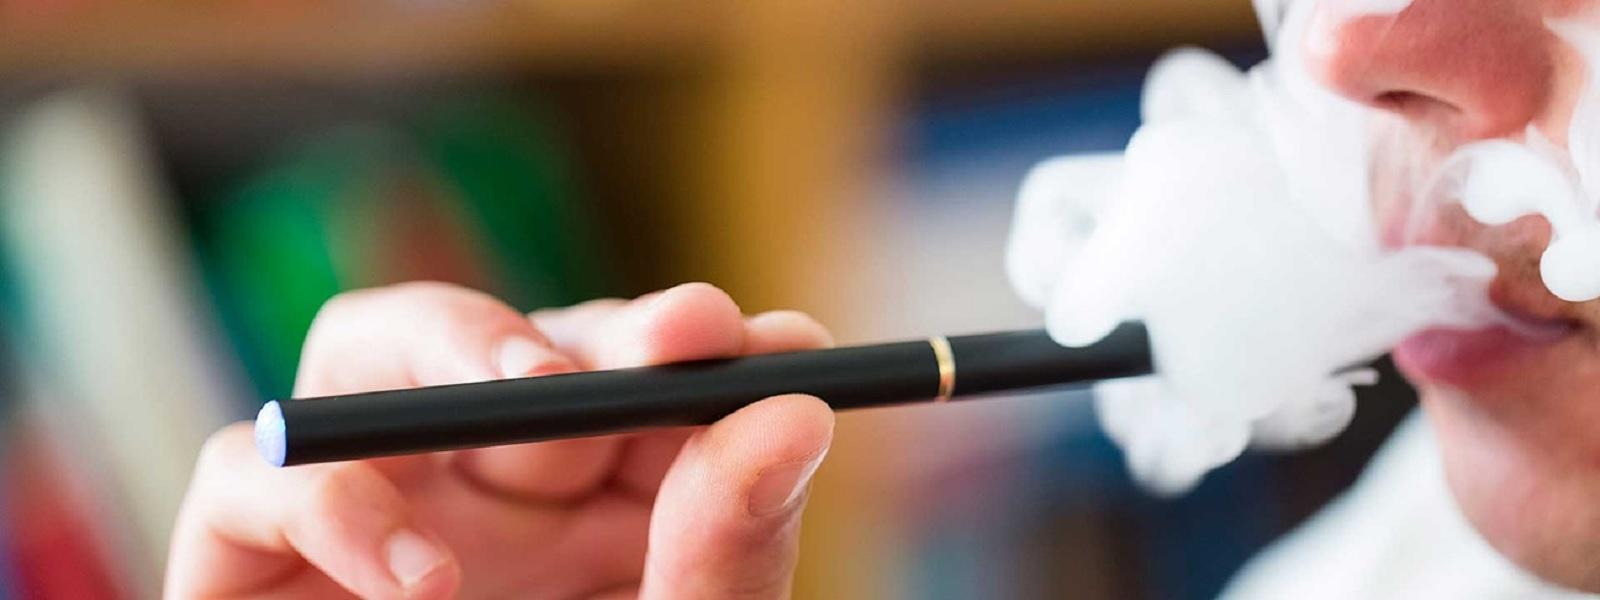 இந்தியாவில் e-cigarette-களுக்கு தடை